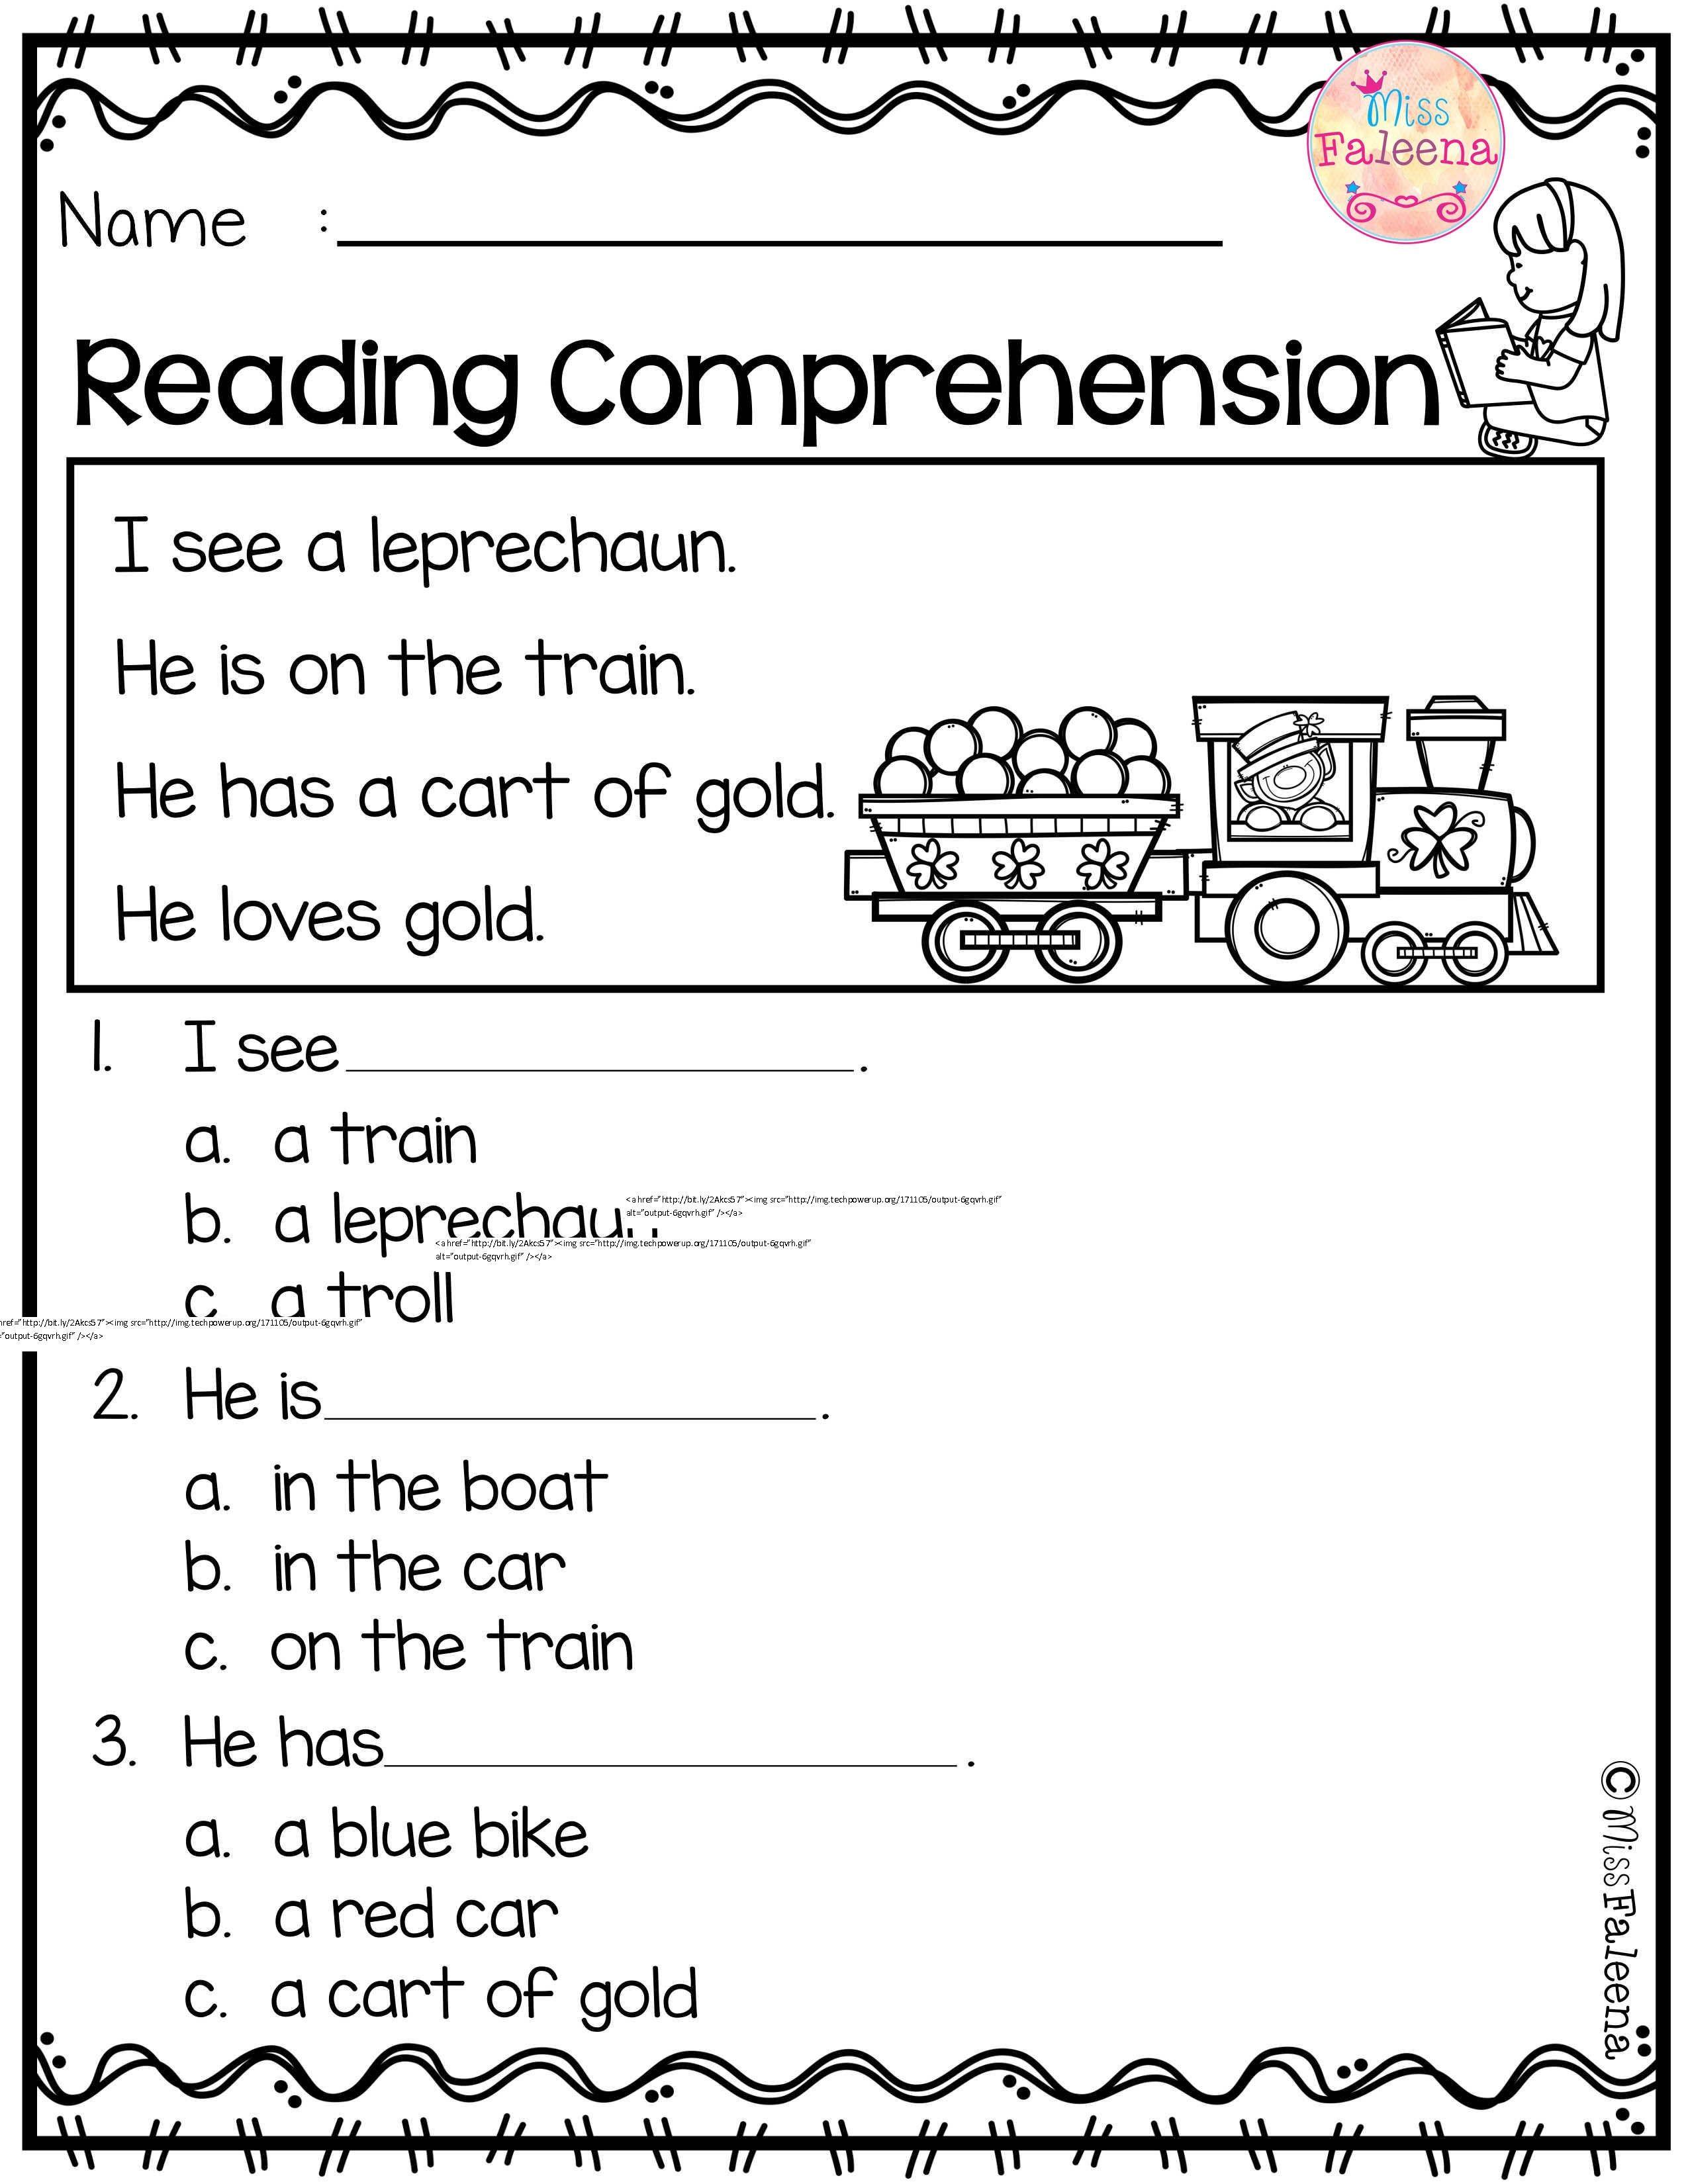 Worksheet : Kindergarten Literacy Worksheets Image Printable | Kindergarten Reading Printable Worksheets